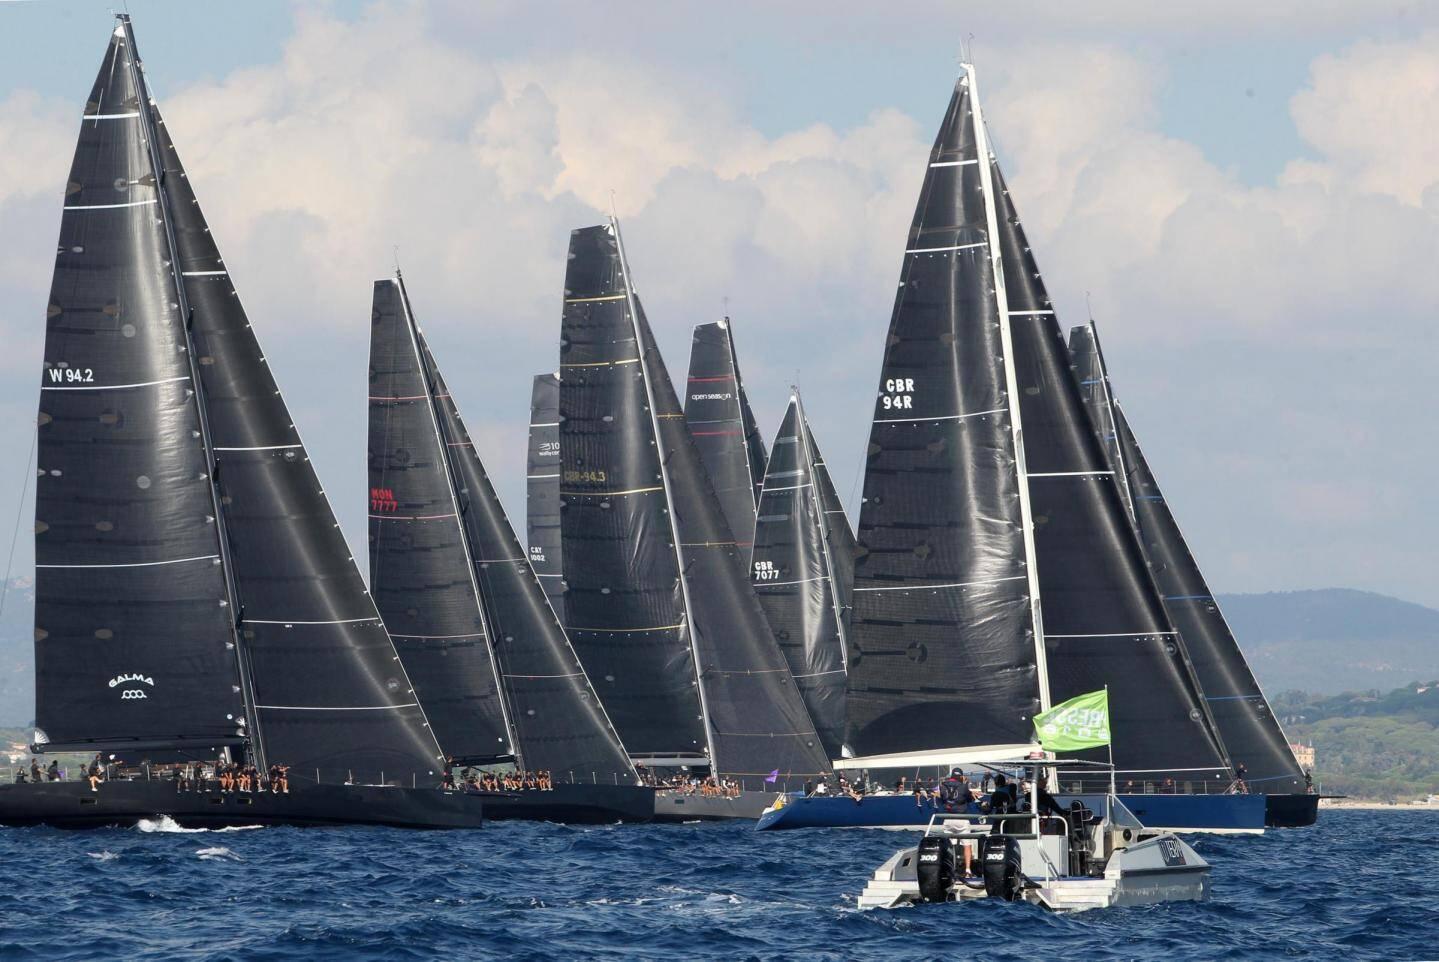 L'armada des seize Wally, façon All Blacks, impressionnante au large de Pampelonne.